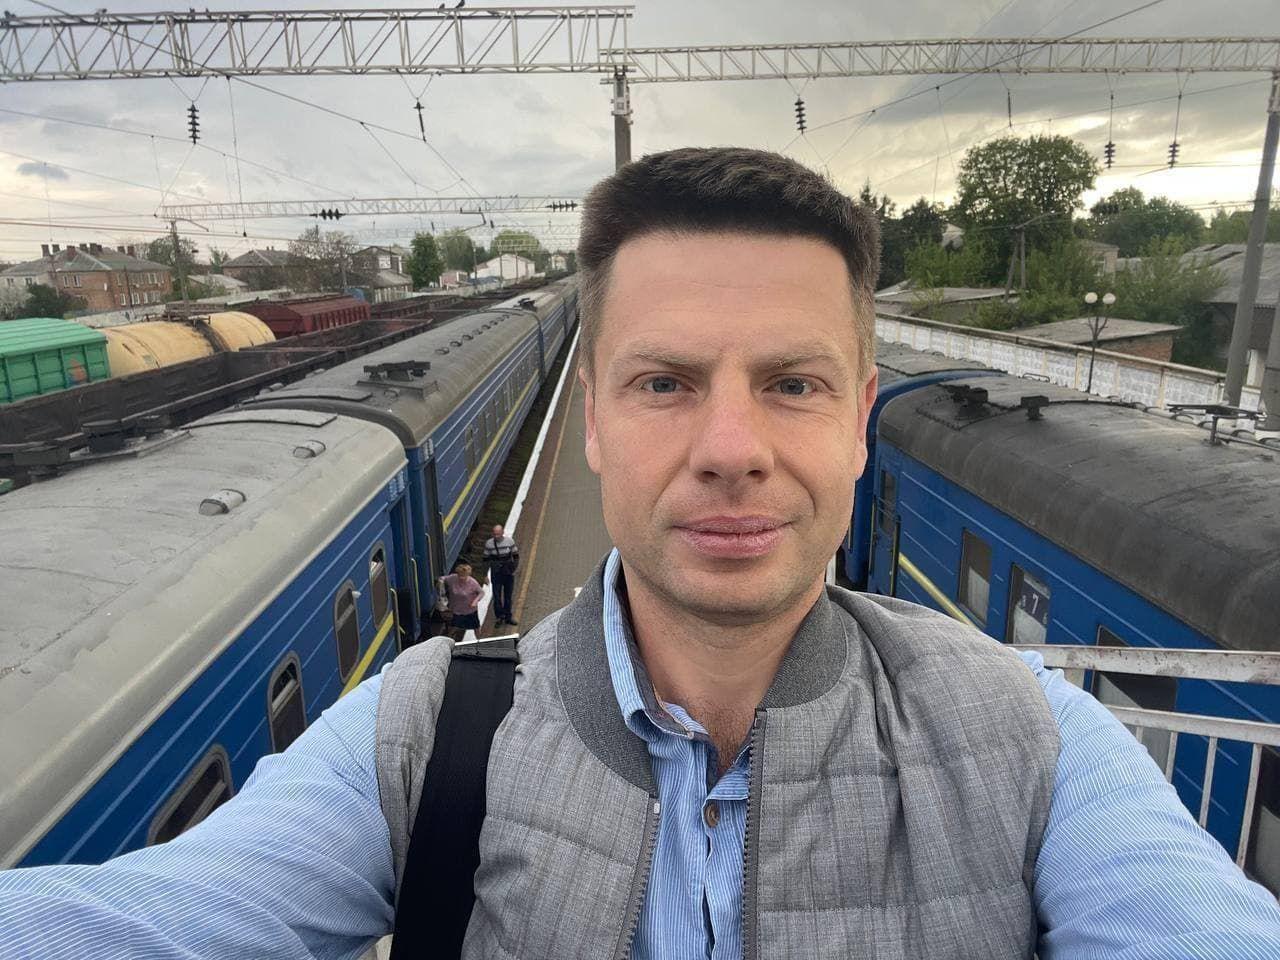 Воры обокрали Гончаренко в поезде Одесса – Ковель: украдены 20 000 грн, сумка с деньгами и банковские карты